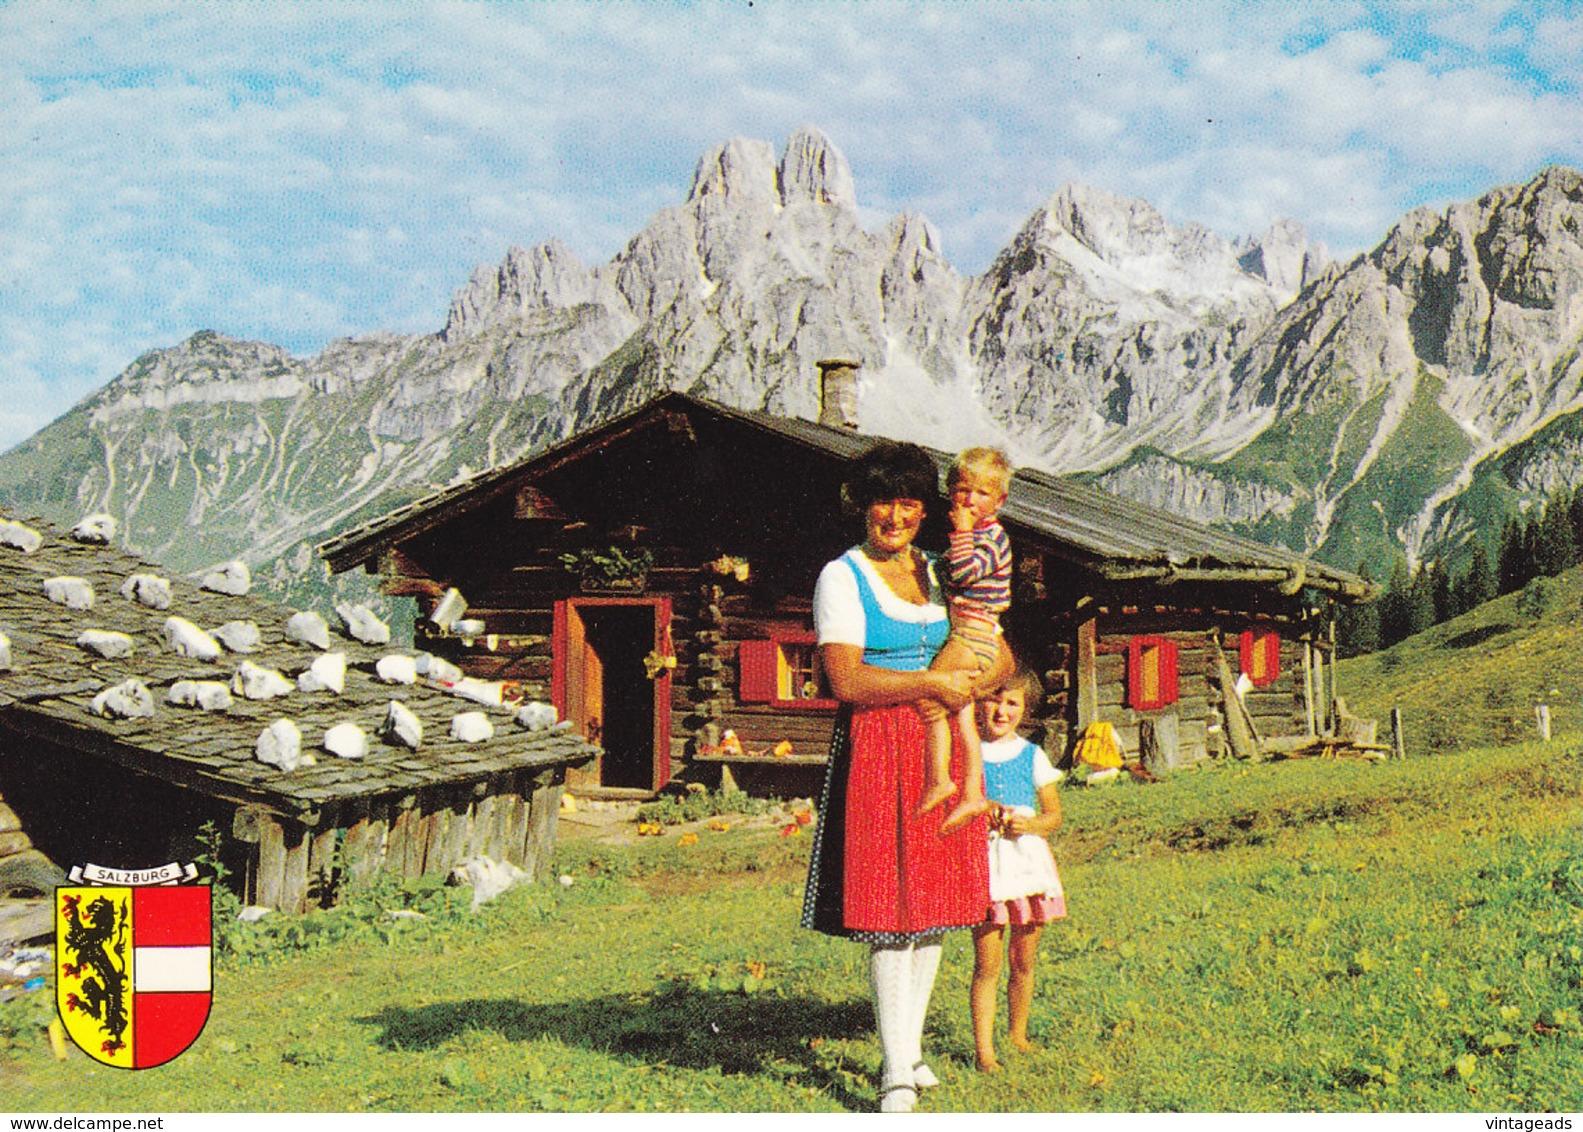 AK504 Ansichtskarte Löckenwaldhütte Sulzenalm Mit Bischofsmütze, Filzmoos, Salzburg, Frankiert, Nicht Gelaufen - Filzmoos